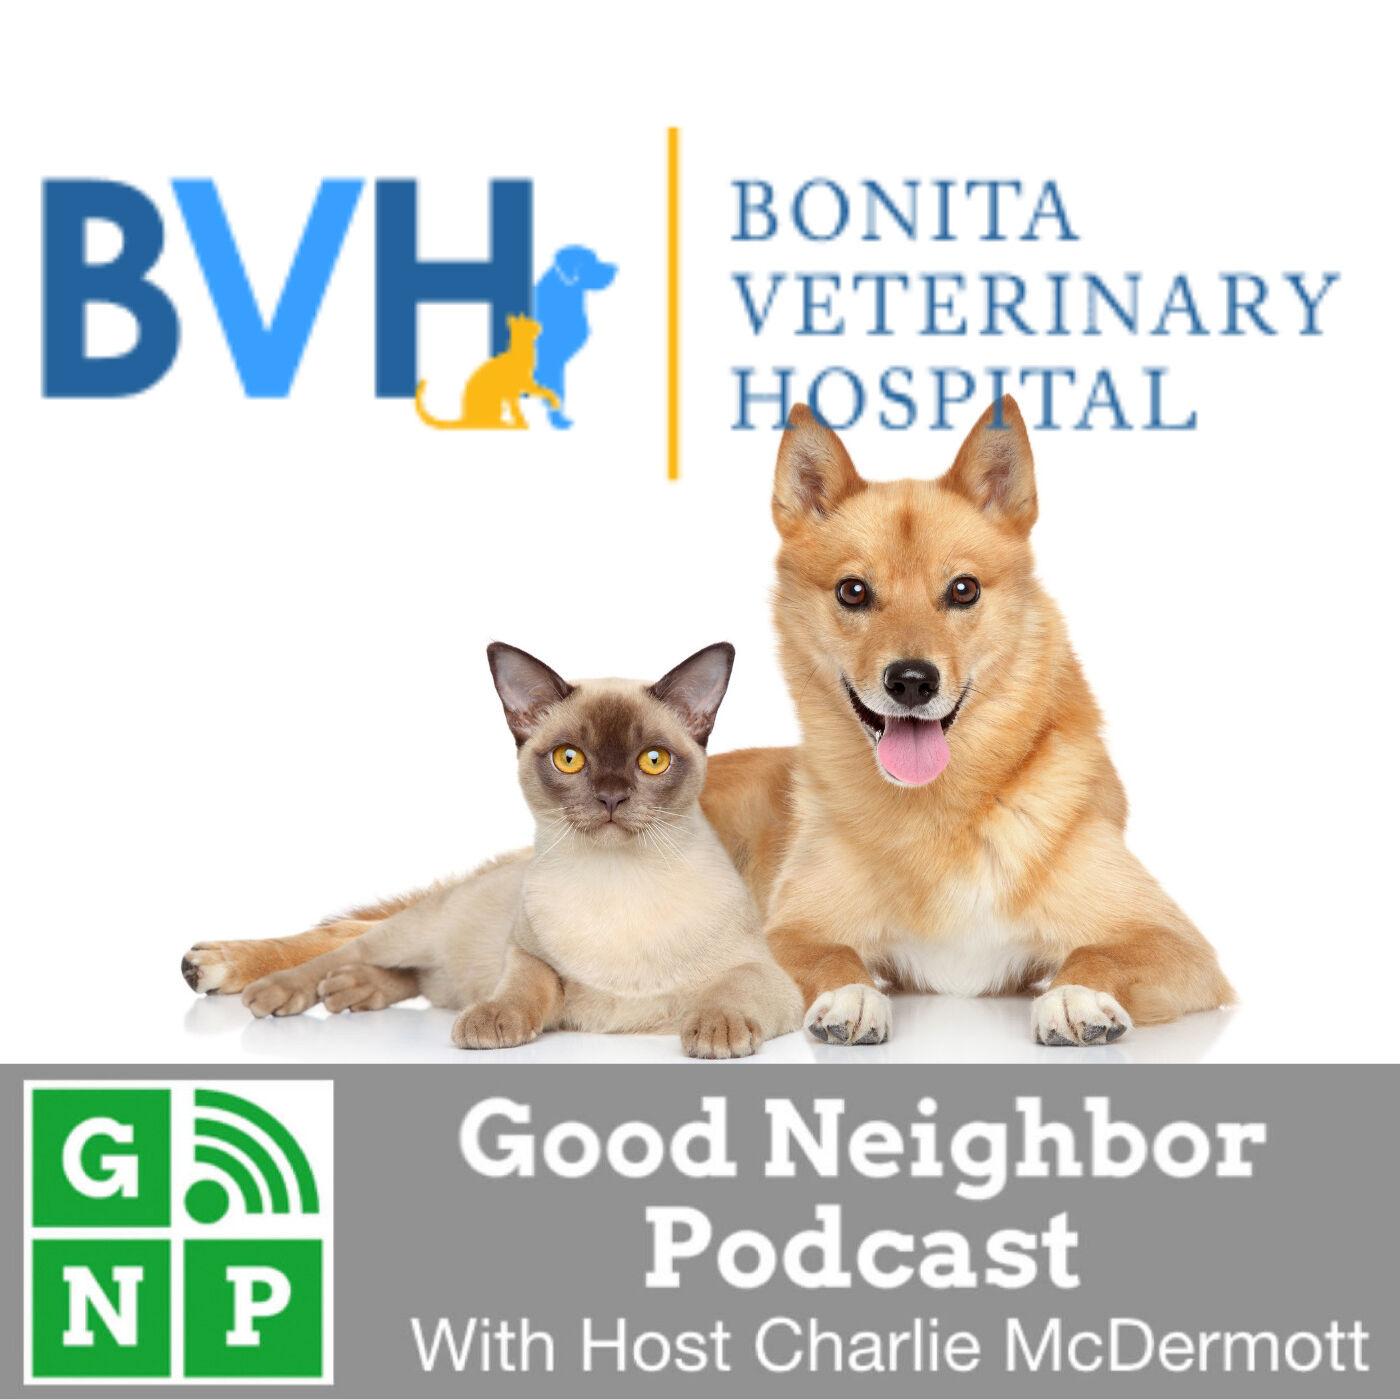 EP #498: Bonita Veterinary Hospital with Dr. Lauren Dietter